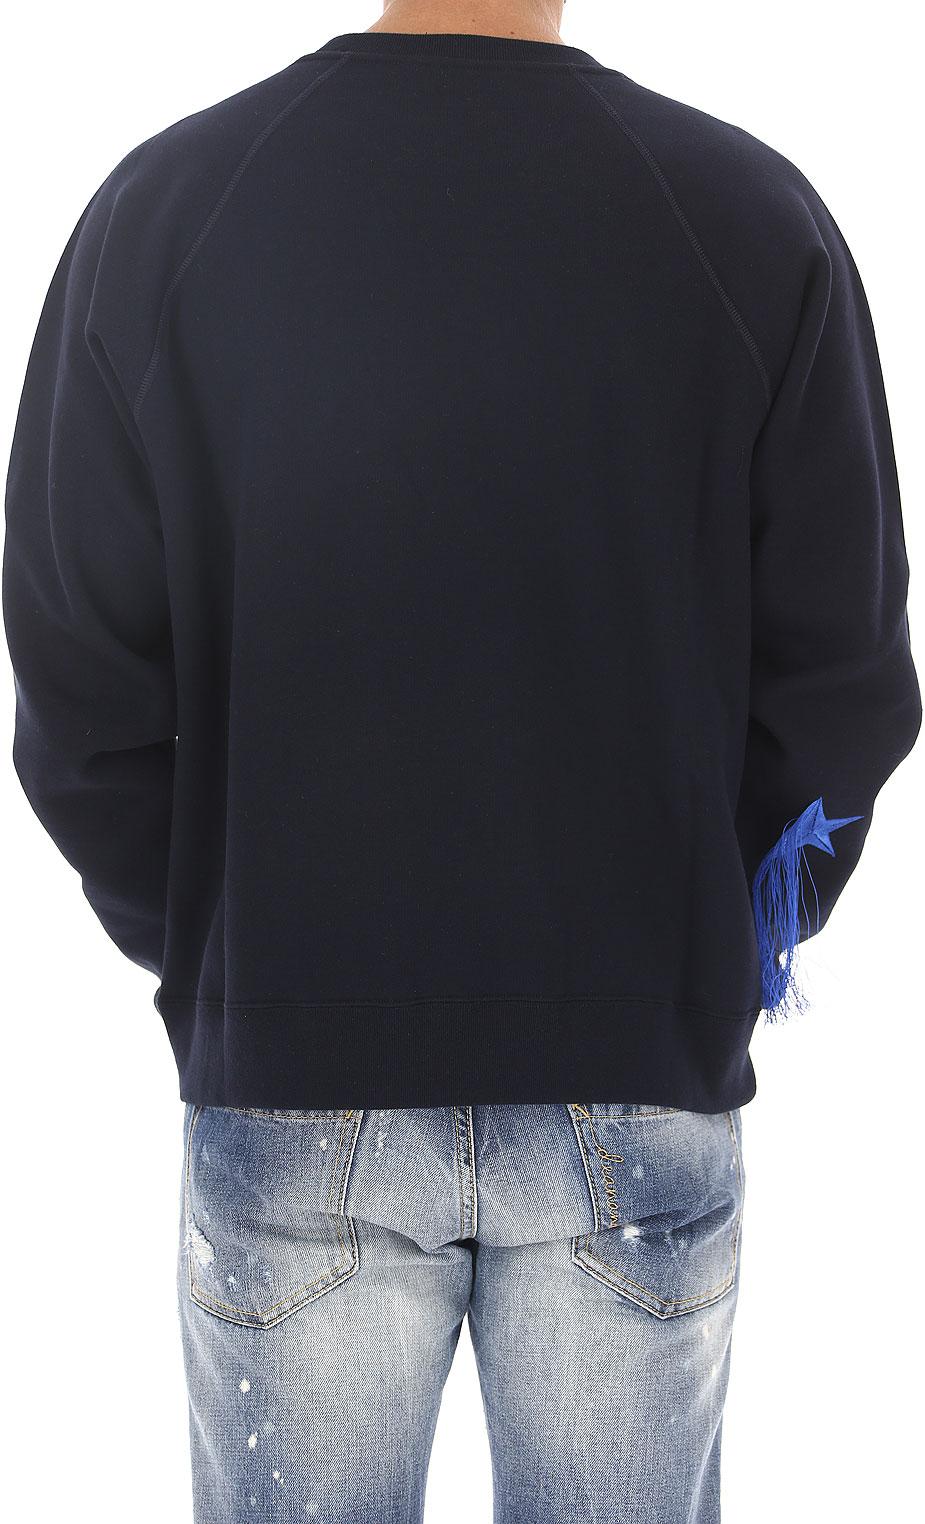 Abbigliamento Uomo Golden Goose, Codice Articolo: g31mp558-a2-